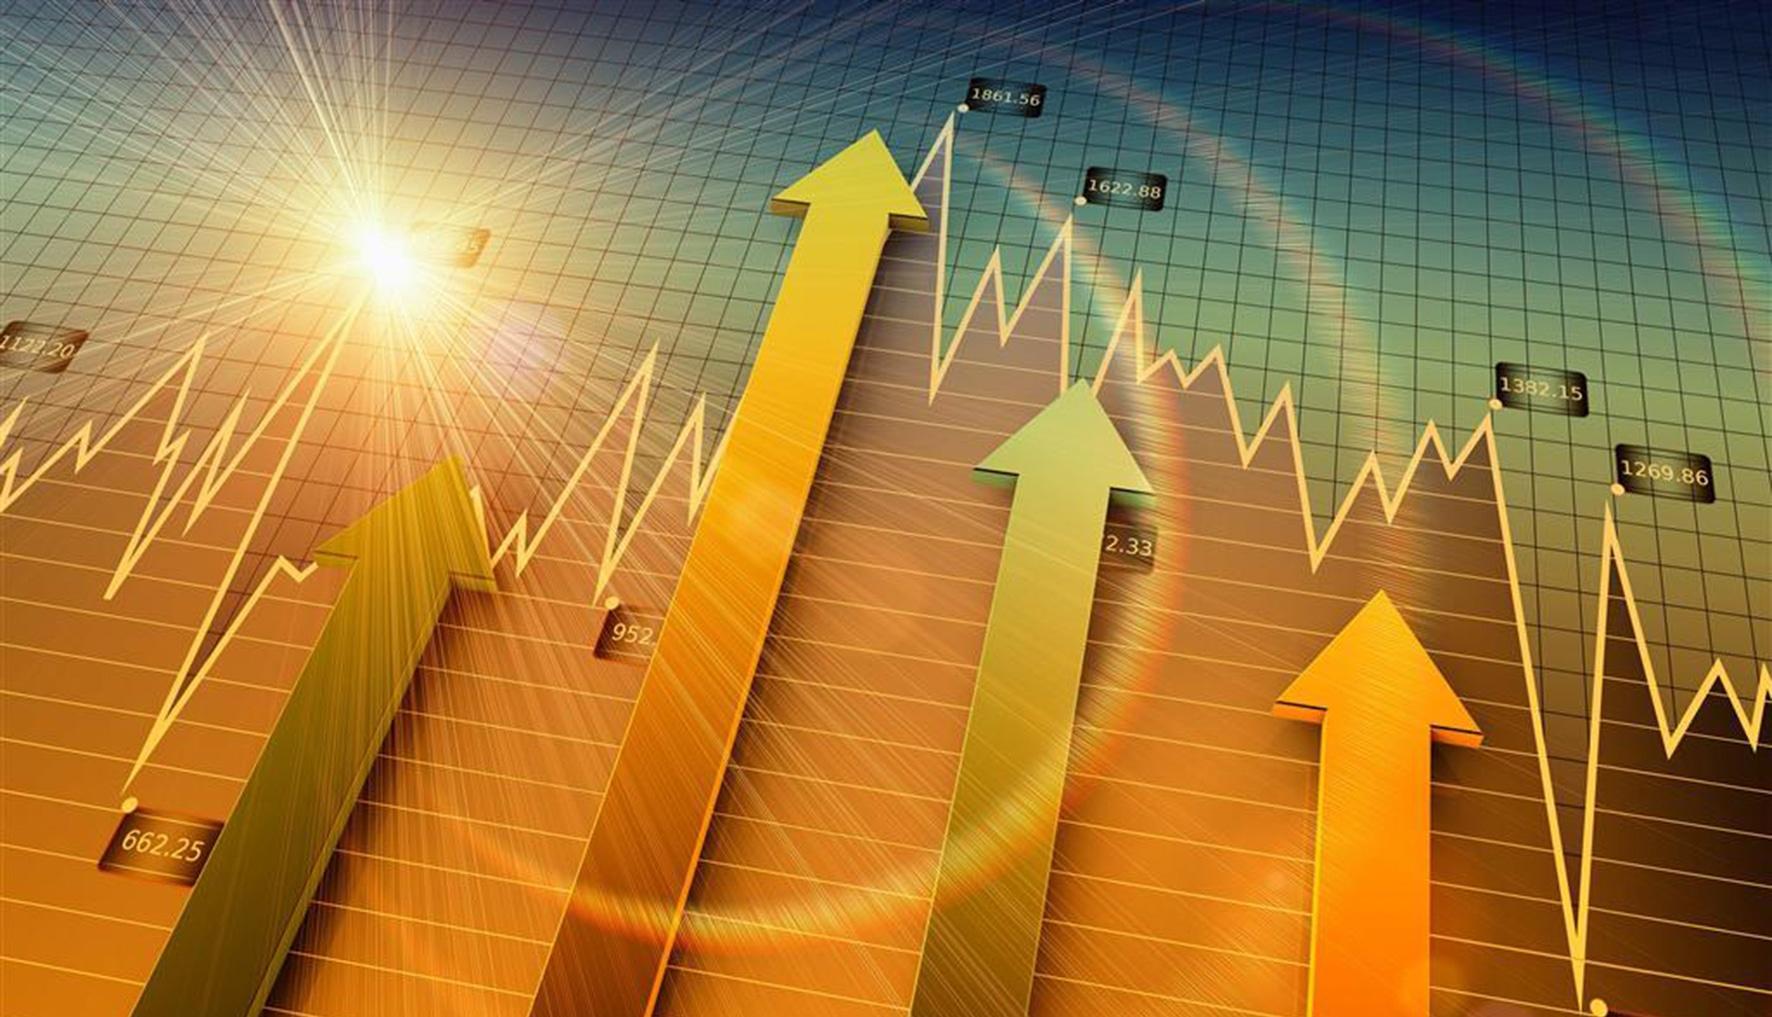 医药主题业绩靓丽 下半年市场将如何演绎?